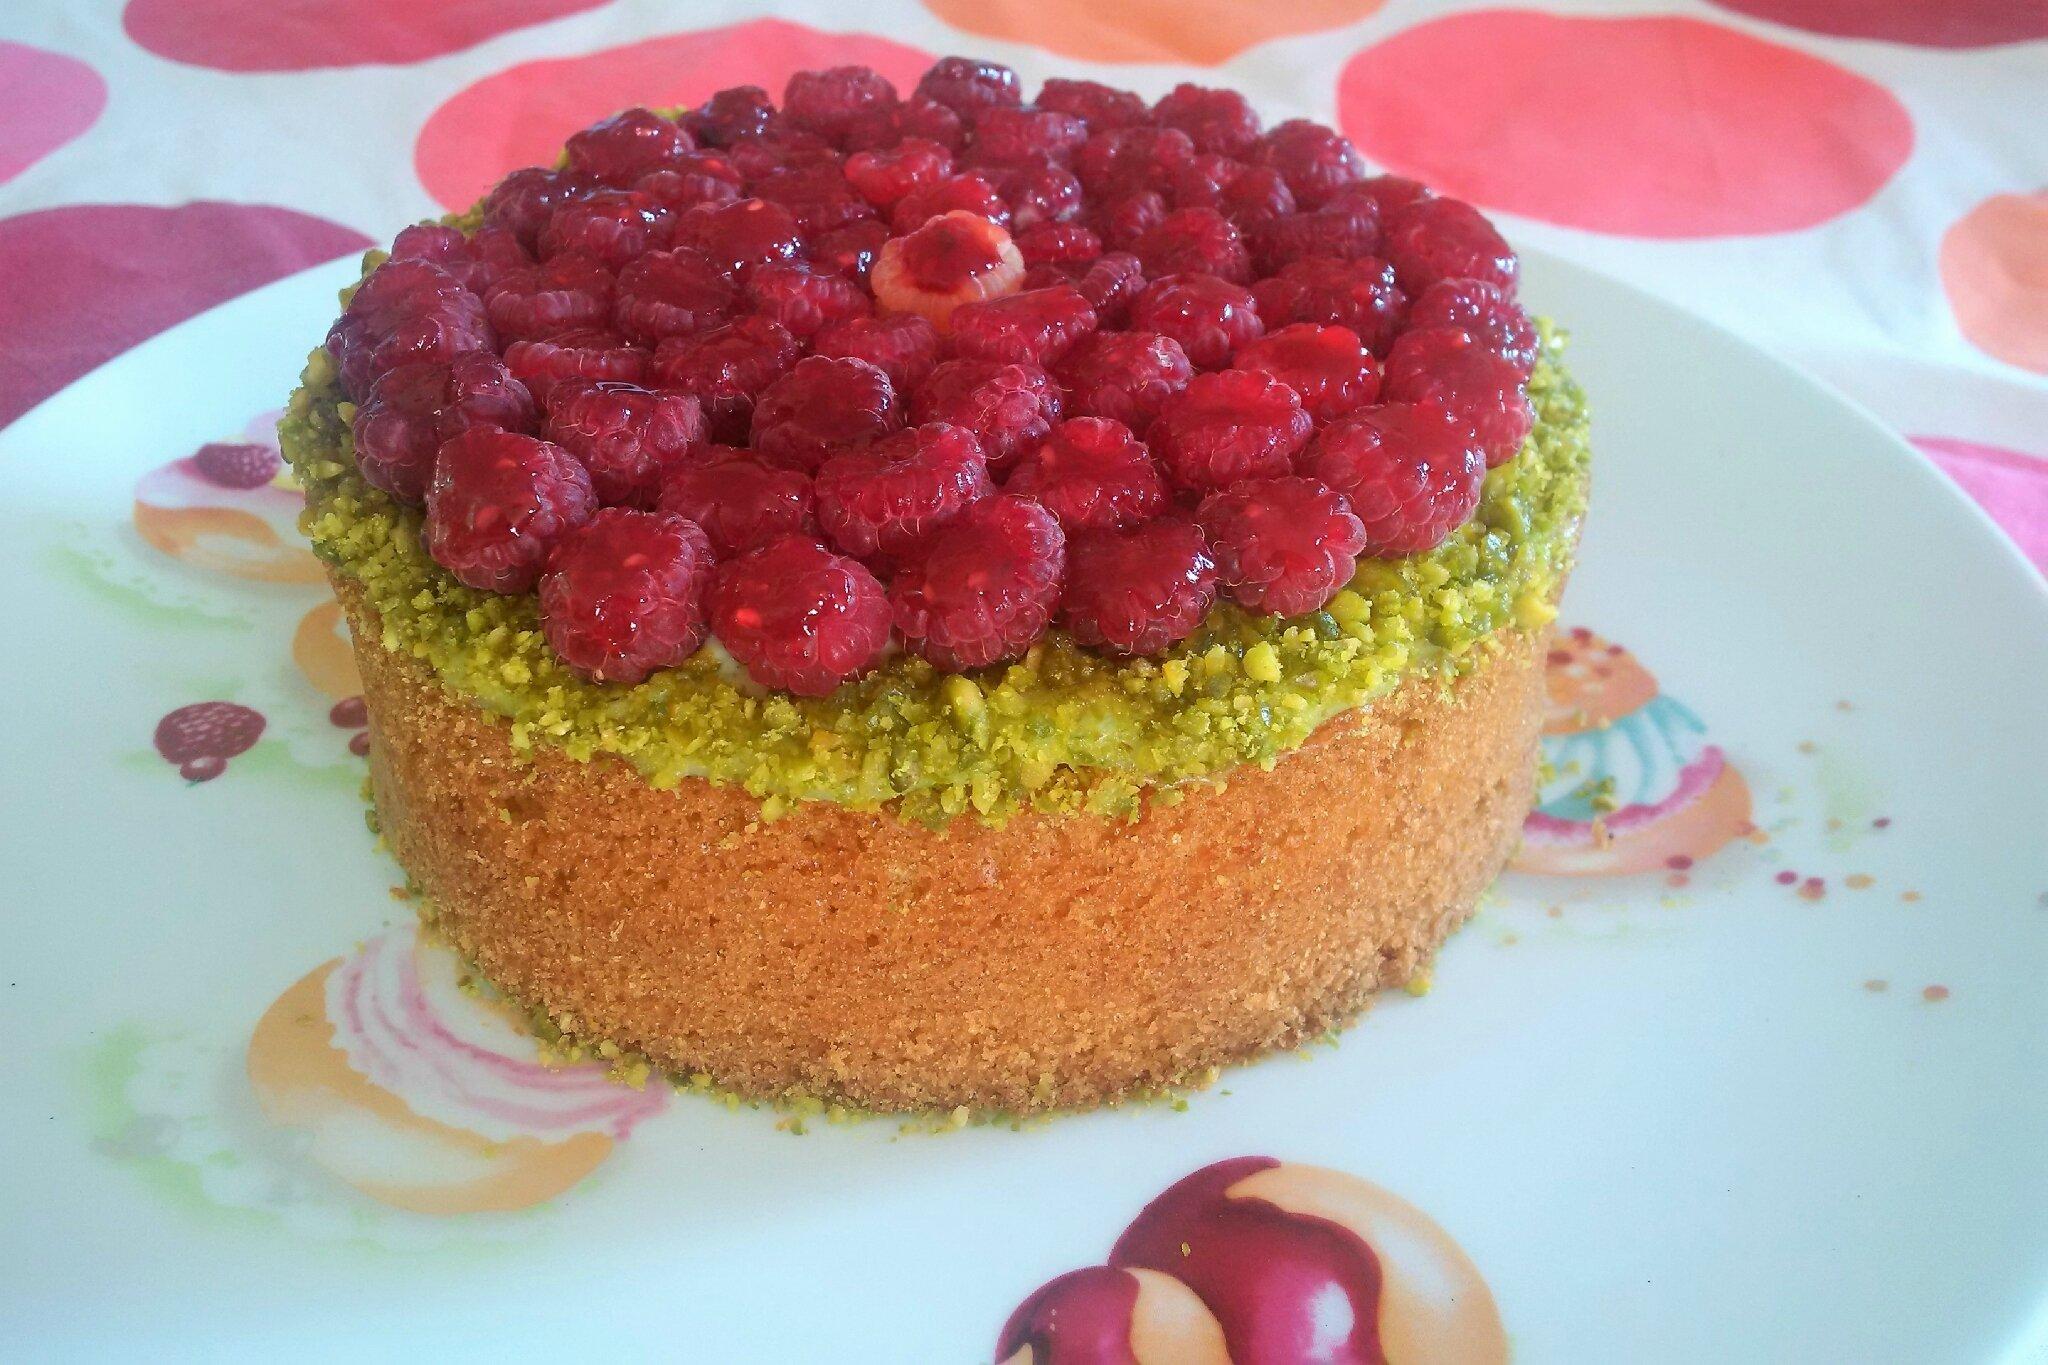 Gâteau comme un Sablé Breton, fourré Crème Basilic/Mascarpone, Framboises et Gelée fruits rouges, Pistaches concassées